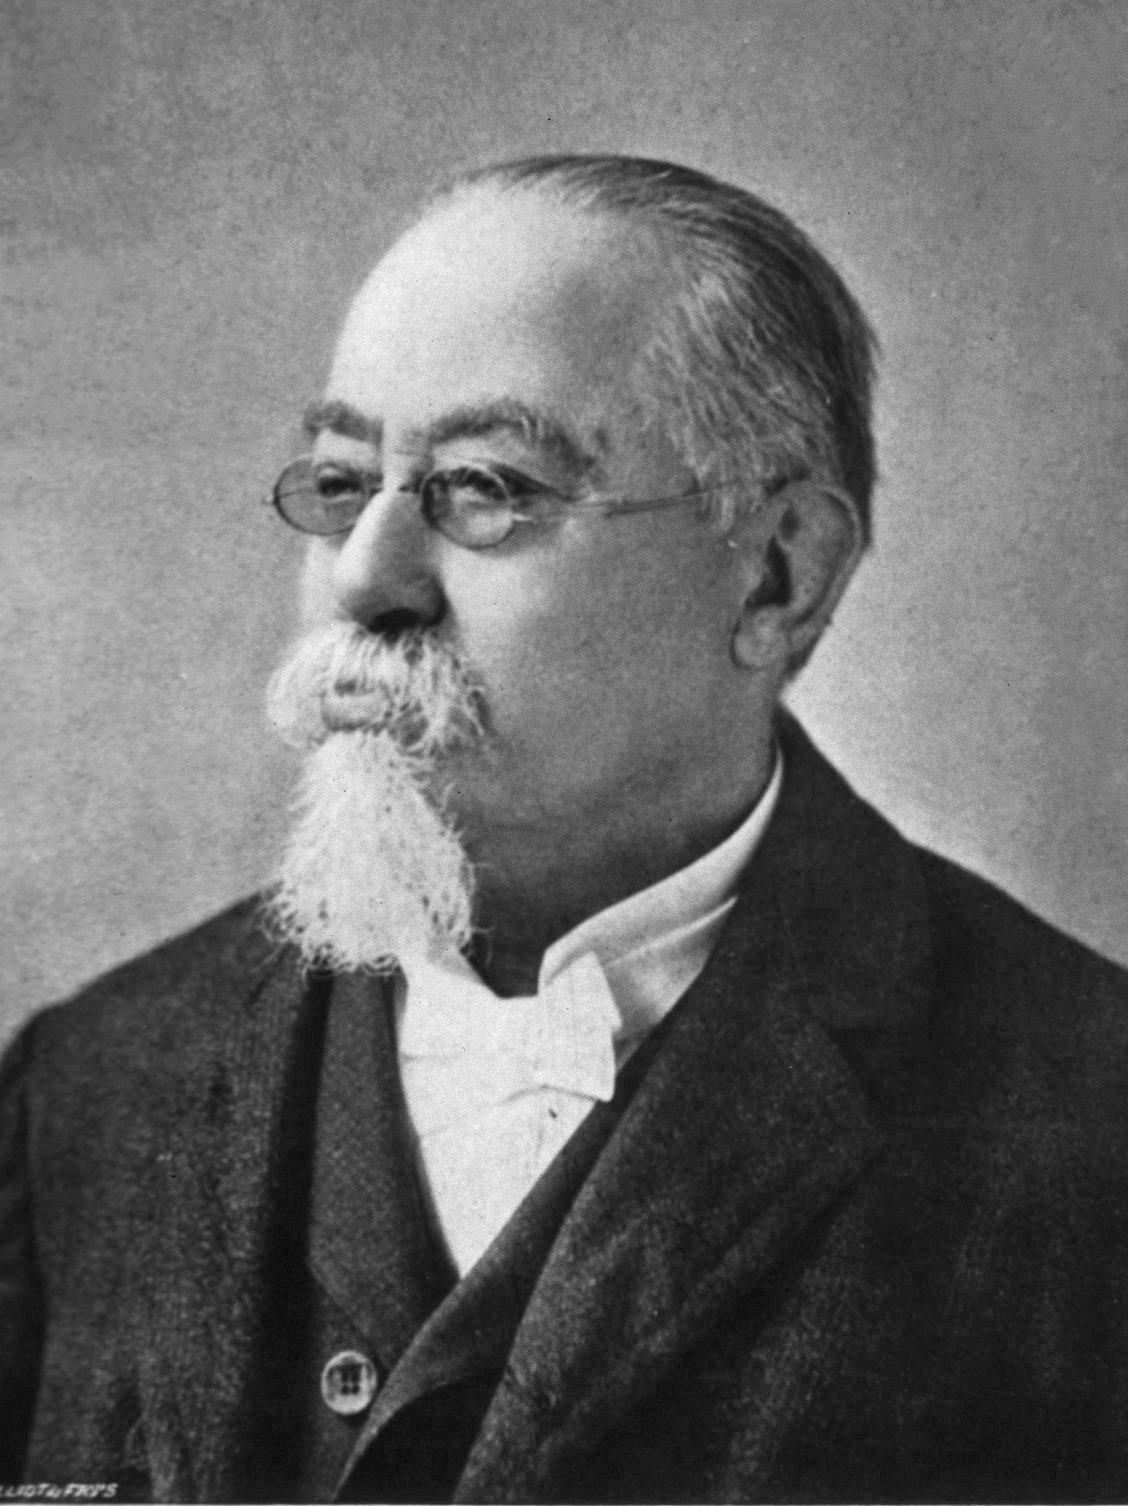 Cesare Lombroso (1835-1909), Italian criminologist